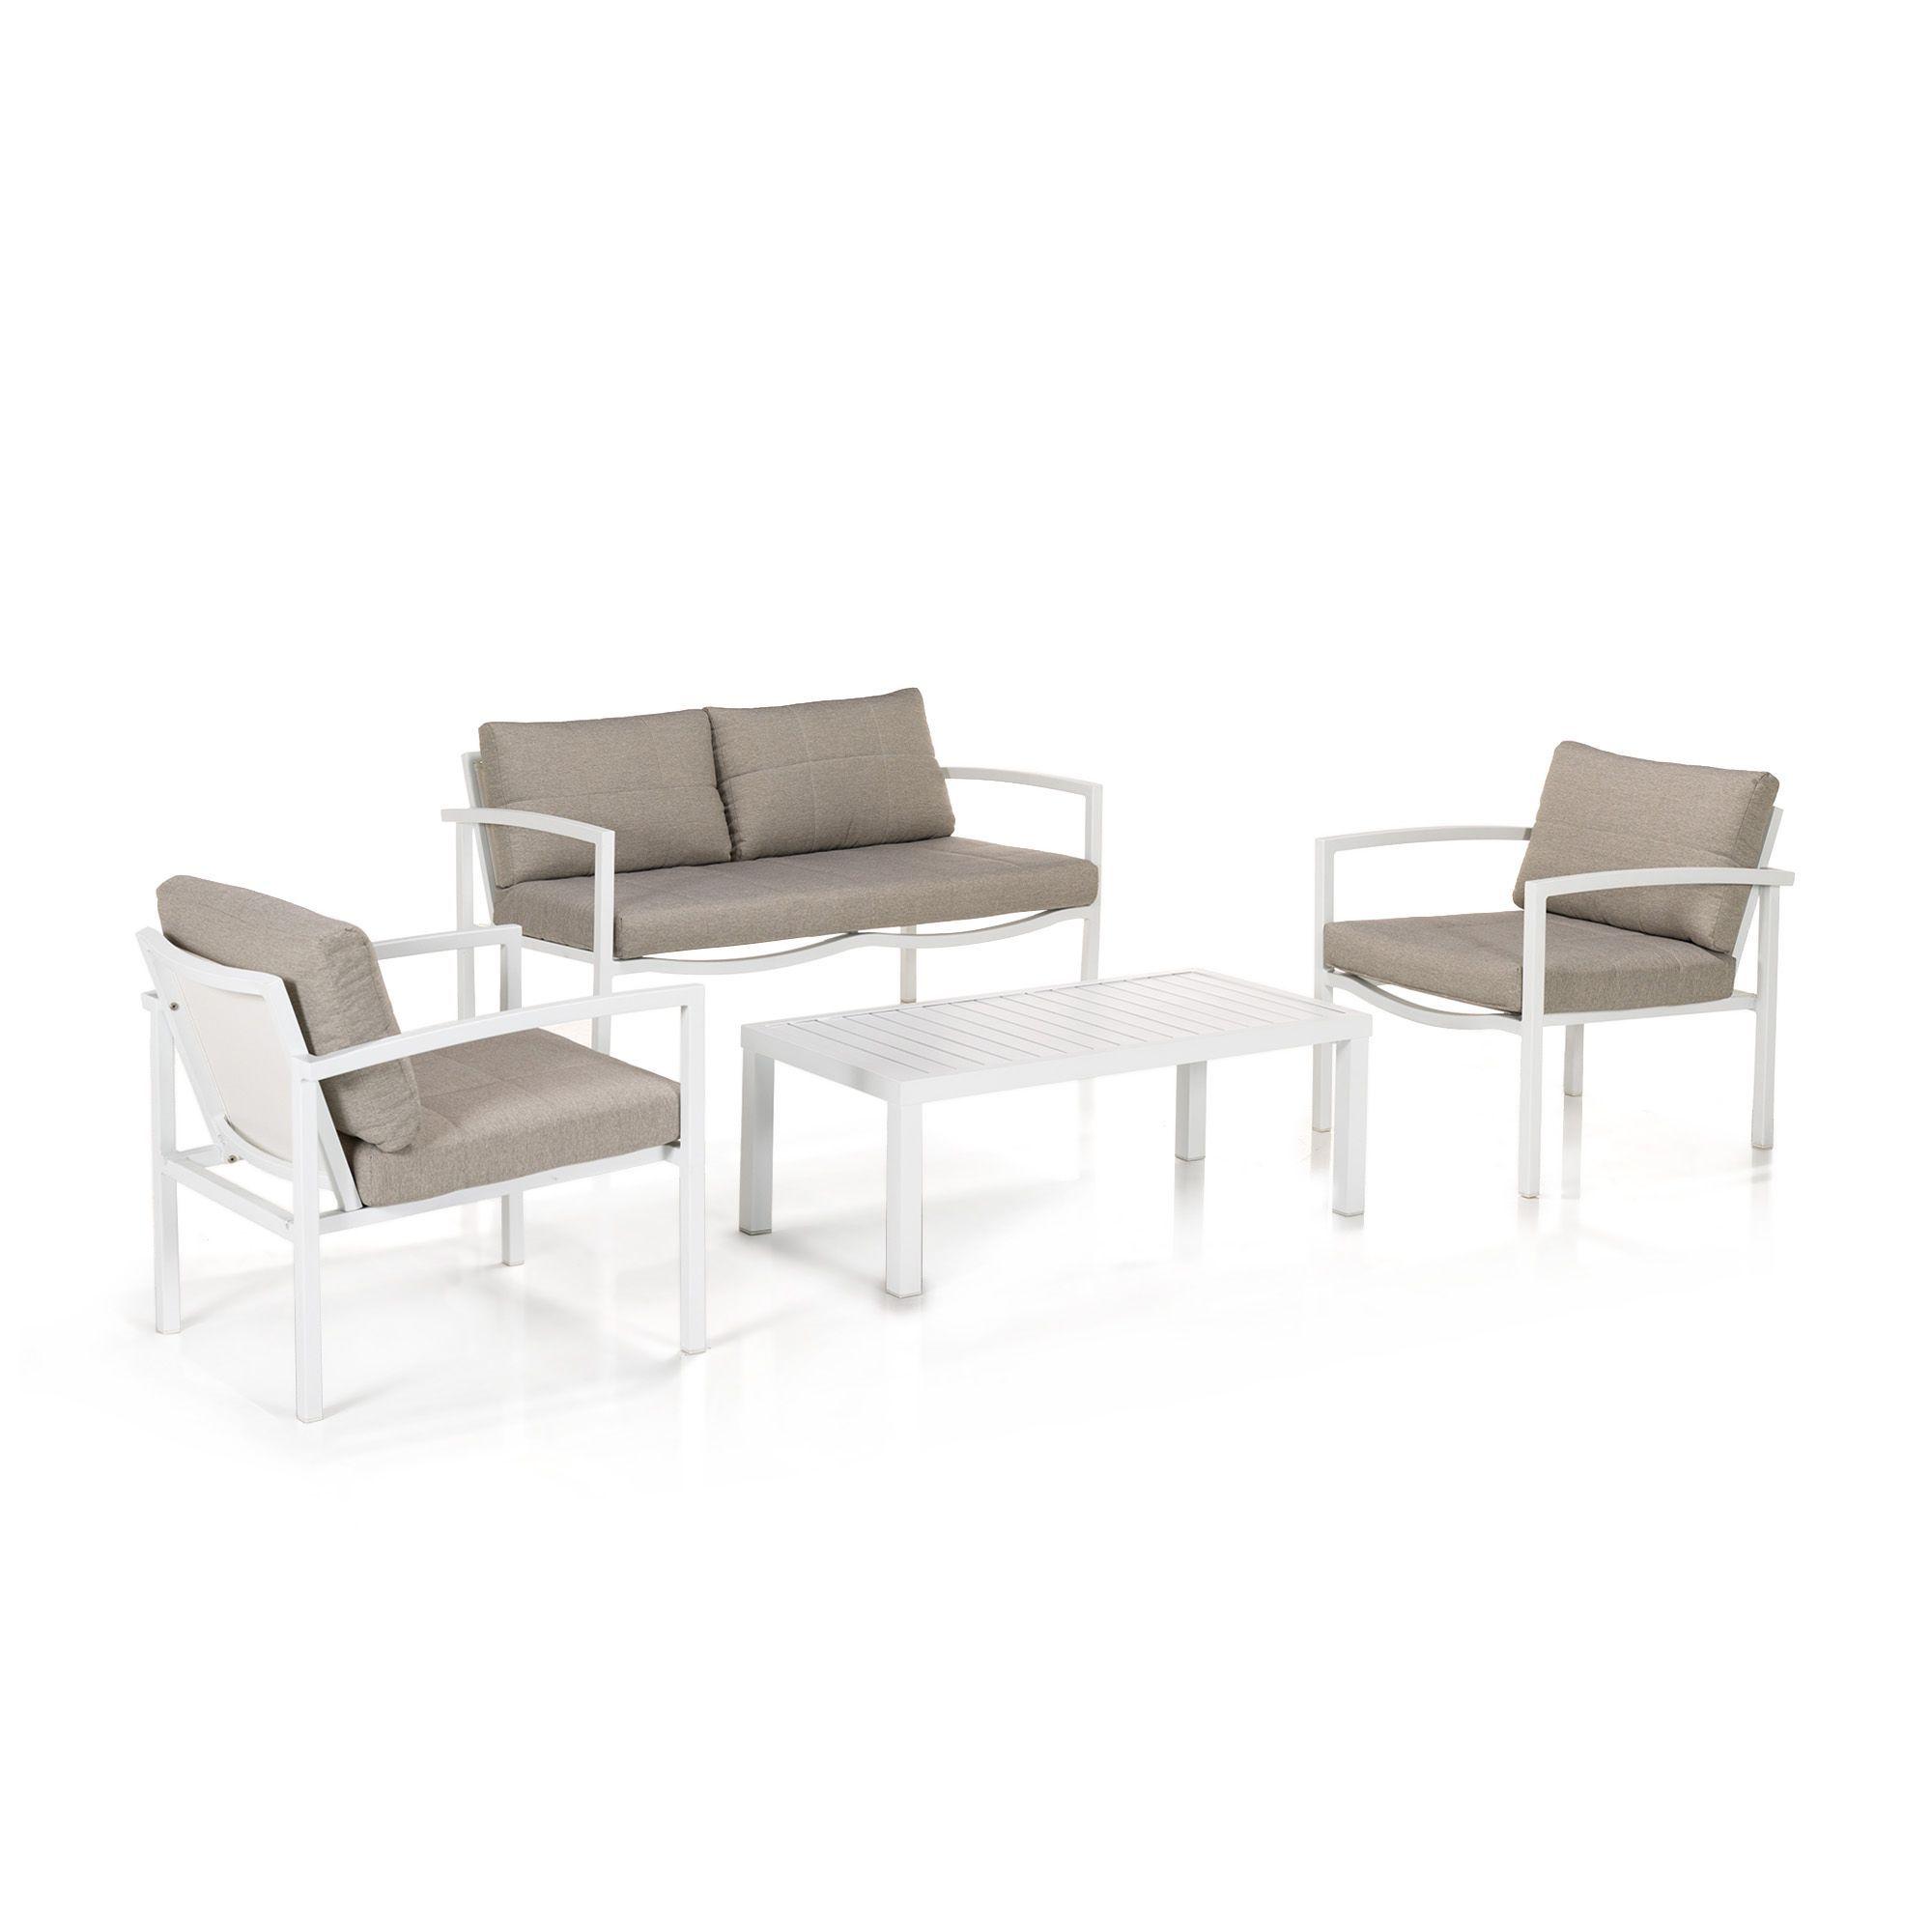 Salon de jardin 4 éléments Blanc/beige - Happy out - Salons de ...